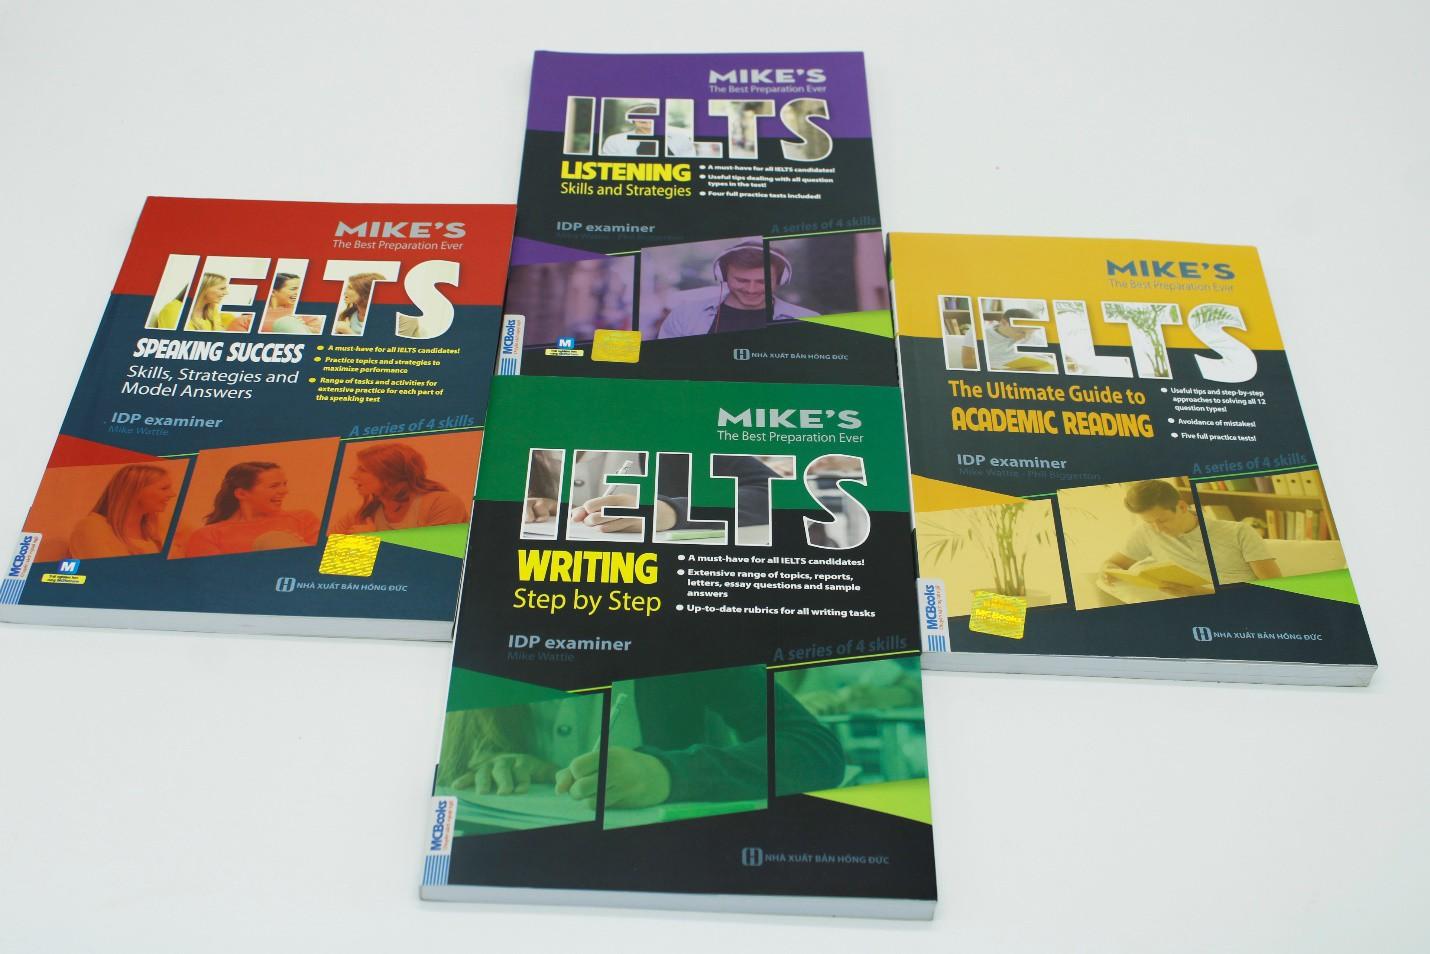 Bật mí IELTS MIKE'S – Bí kíp giúp bạn chinh phục điểm 8.0 kỳ thi IELTS - Ảnh 2.